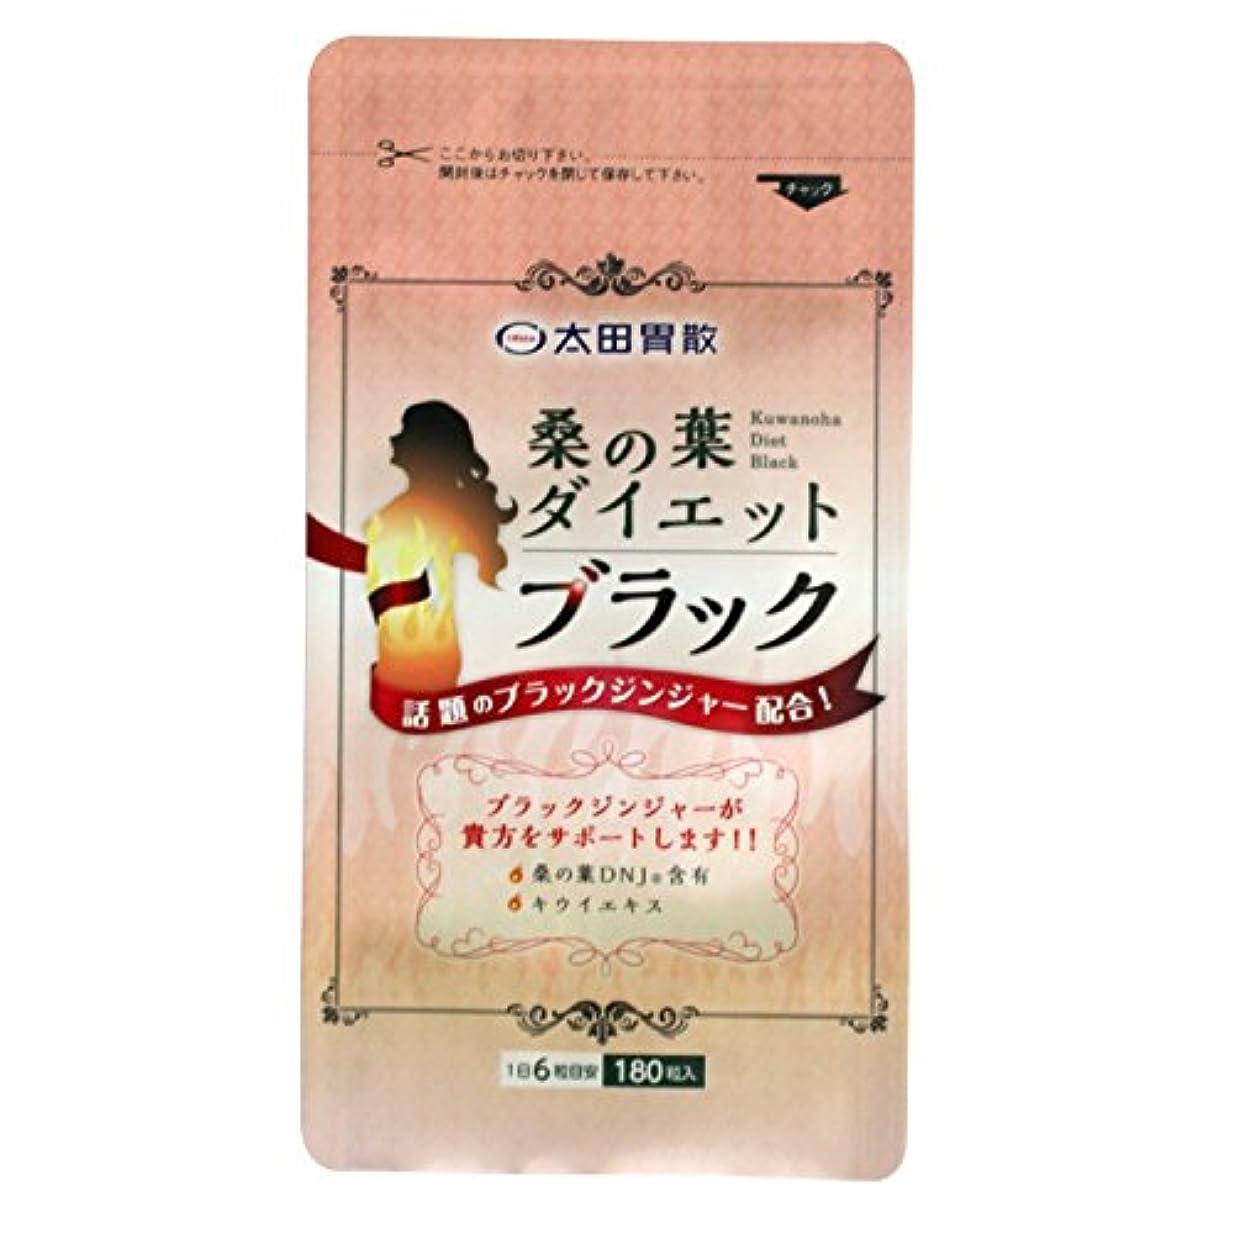 花嫁聖職者聖職者太田胃散 桑の葉ダイエットブラック (180粒)